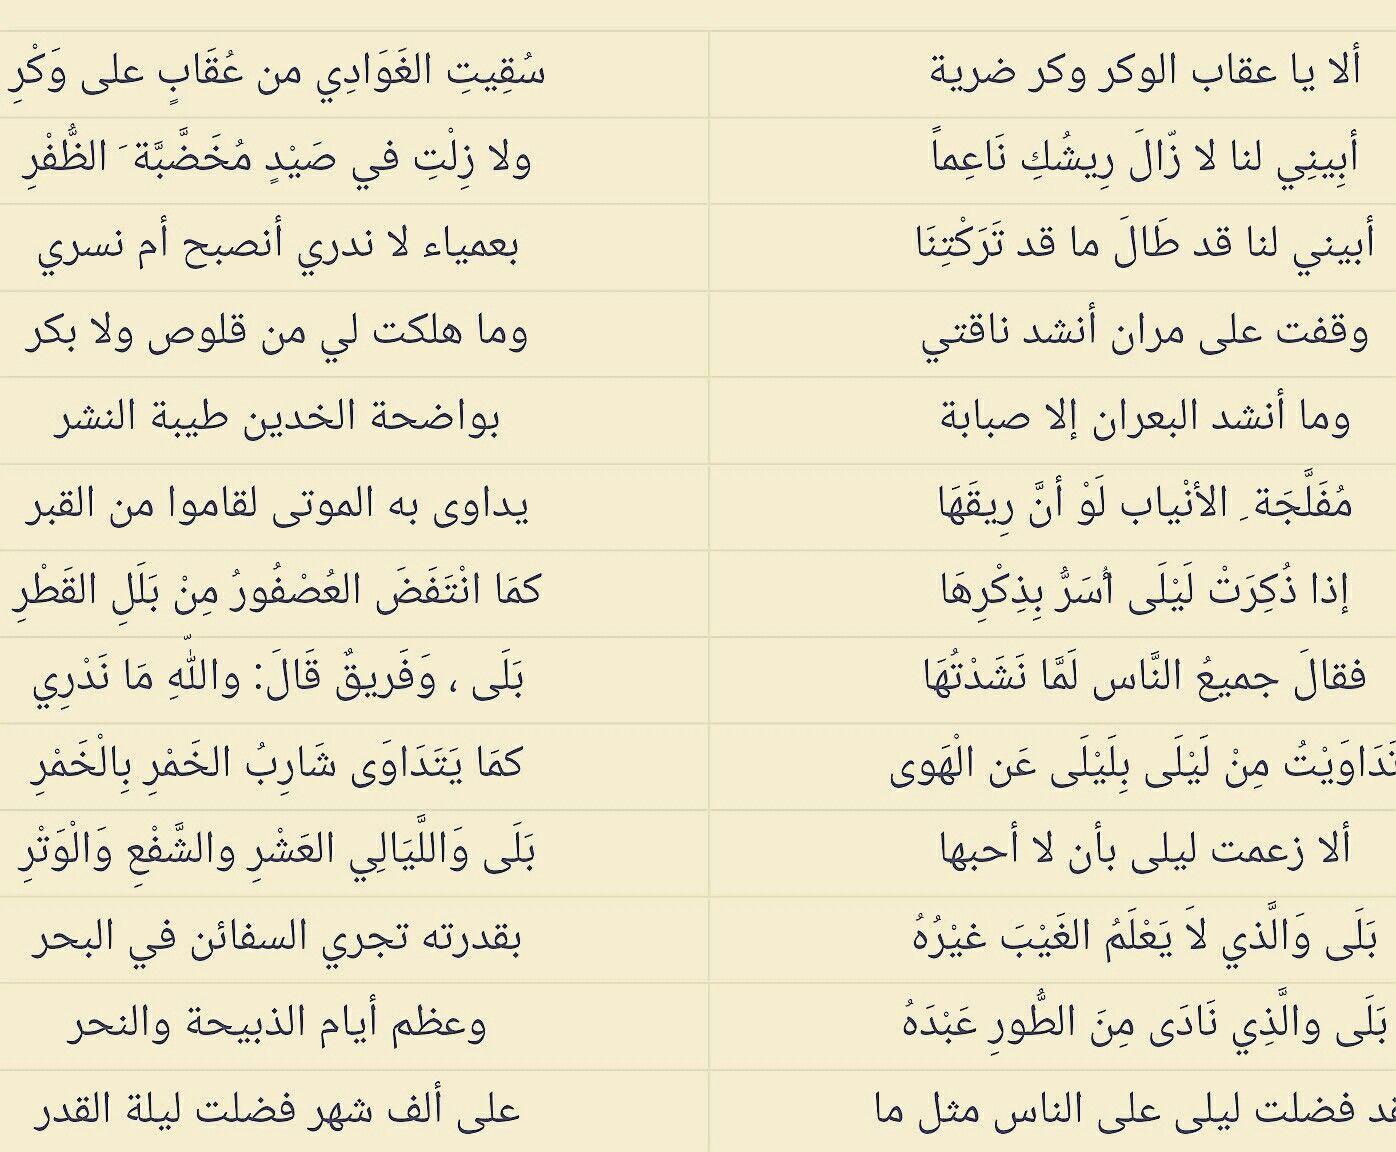 قيس بن الملوح مجنون ليلى Quotes